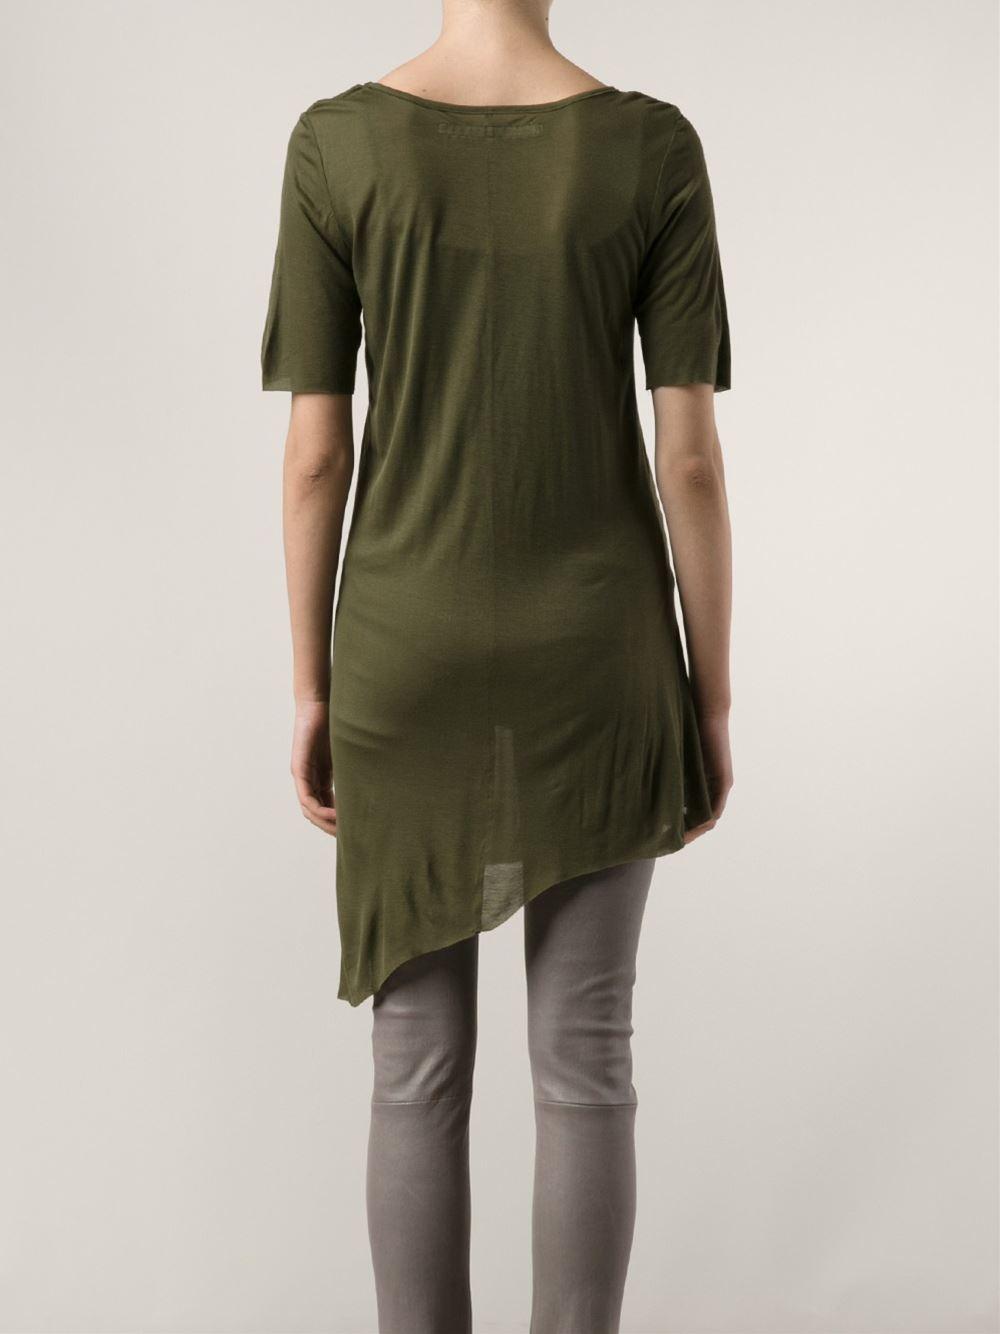 Ødd. Asymmetrical T-shirt - Odd. - Farfetch.com